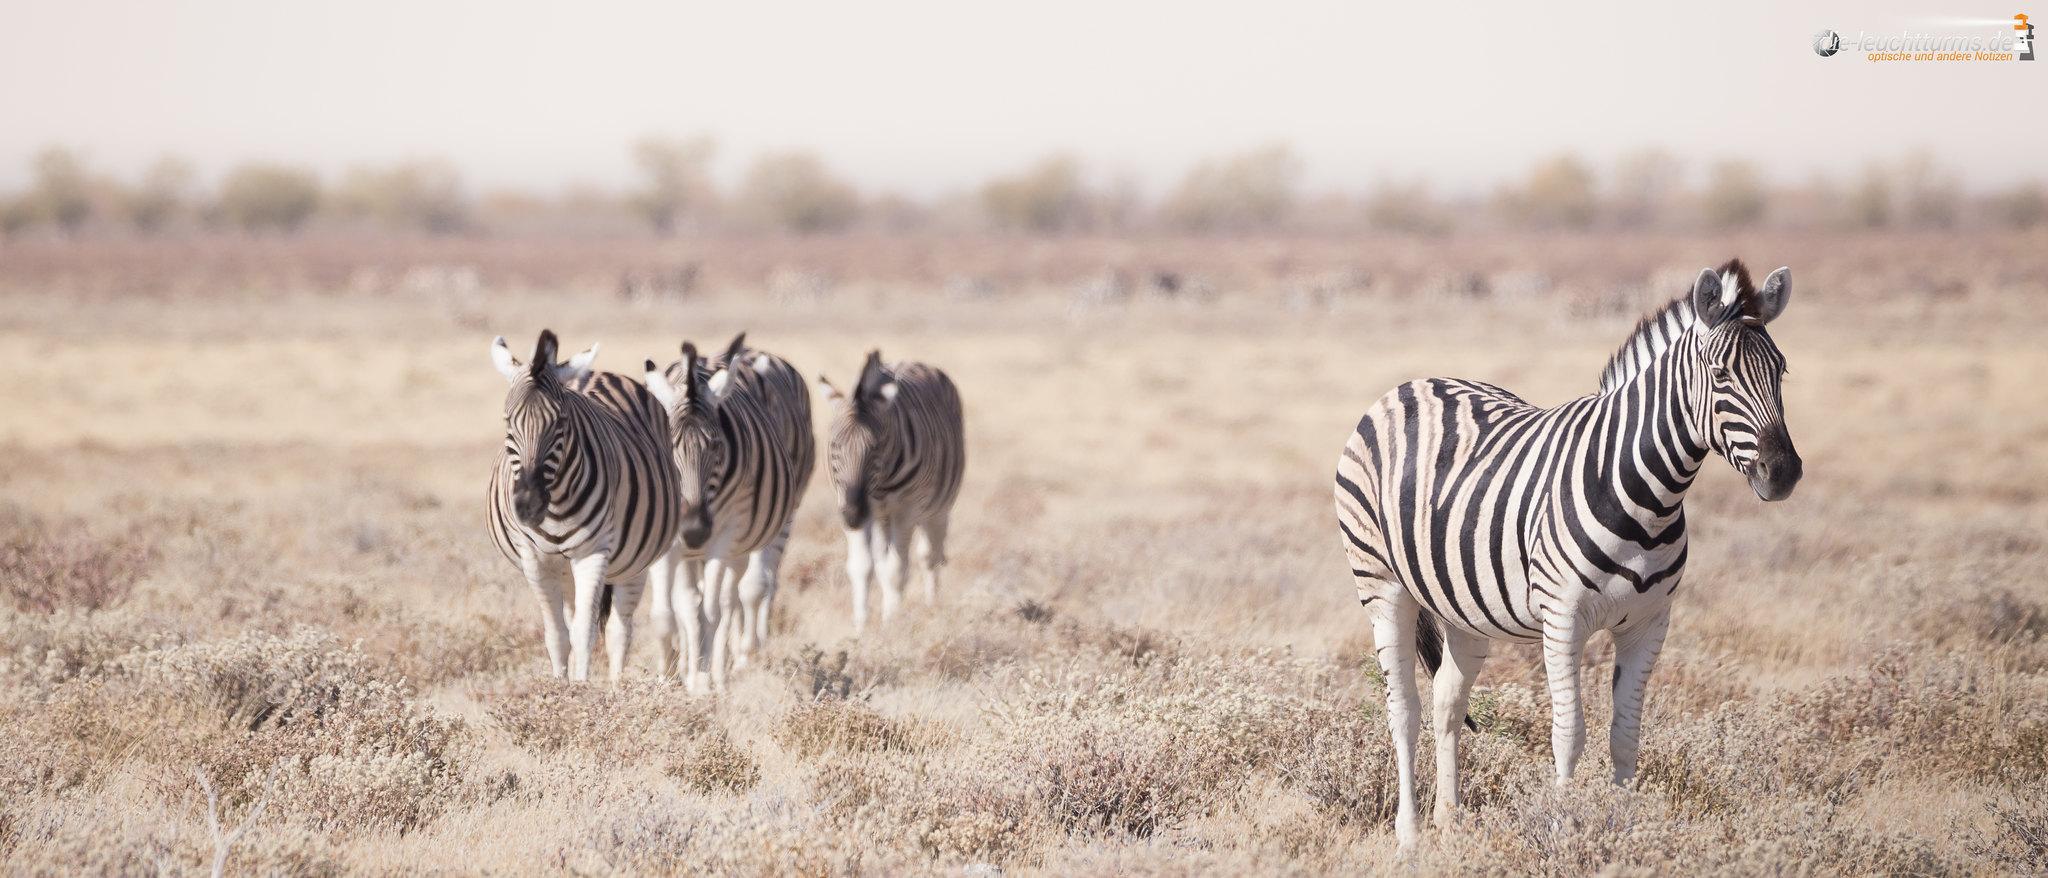 Plains zebras (Equus quagga)